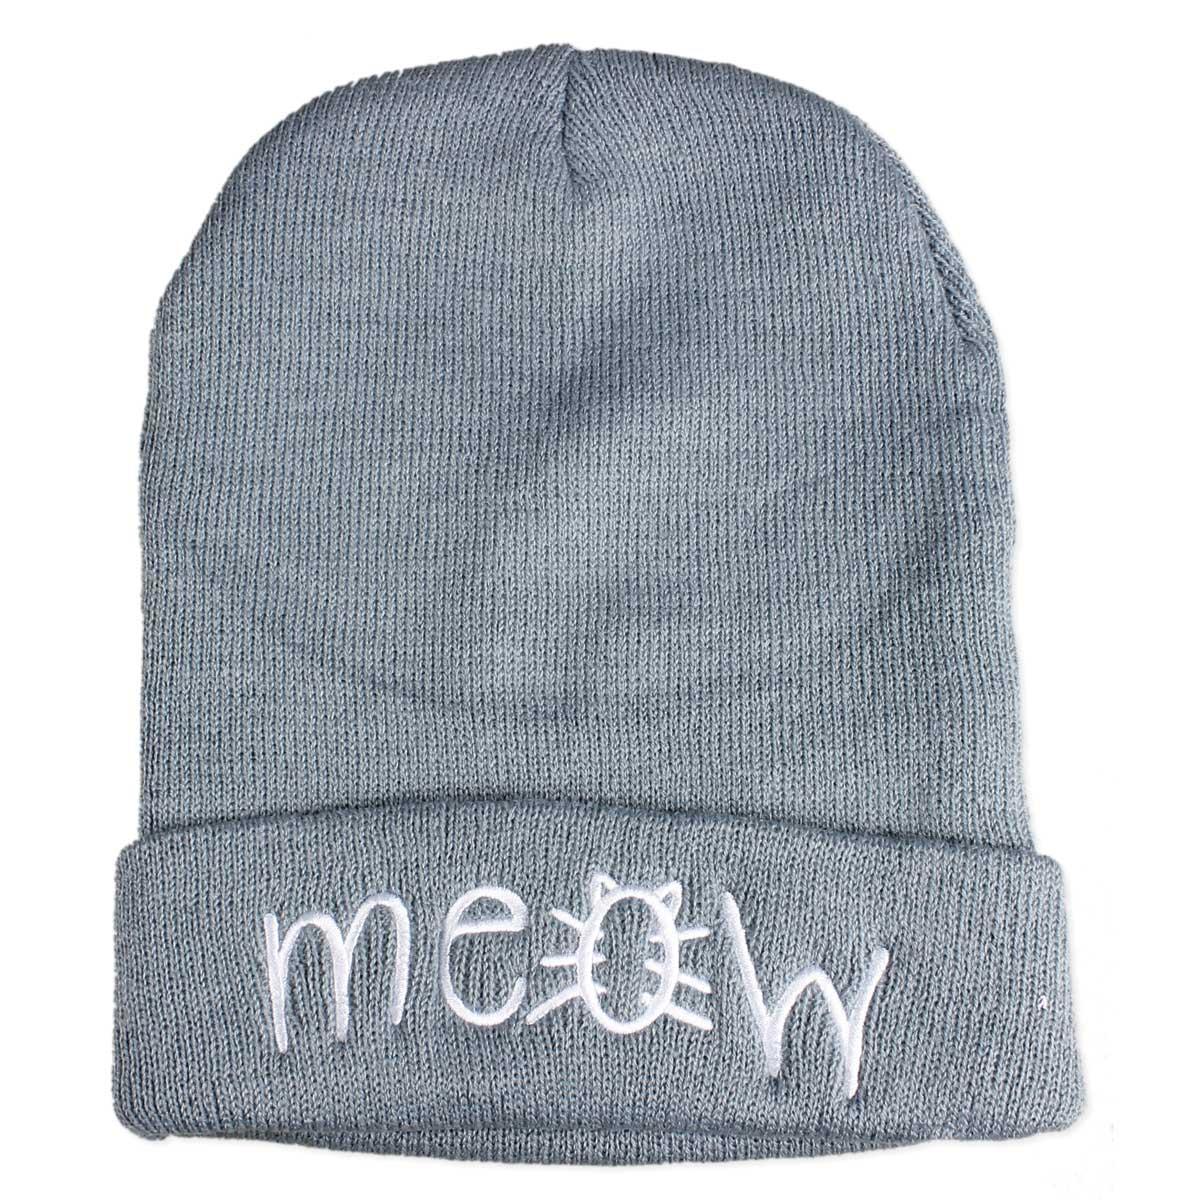 Grey Knit Meow Beanie